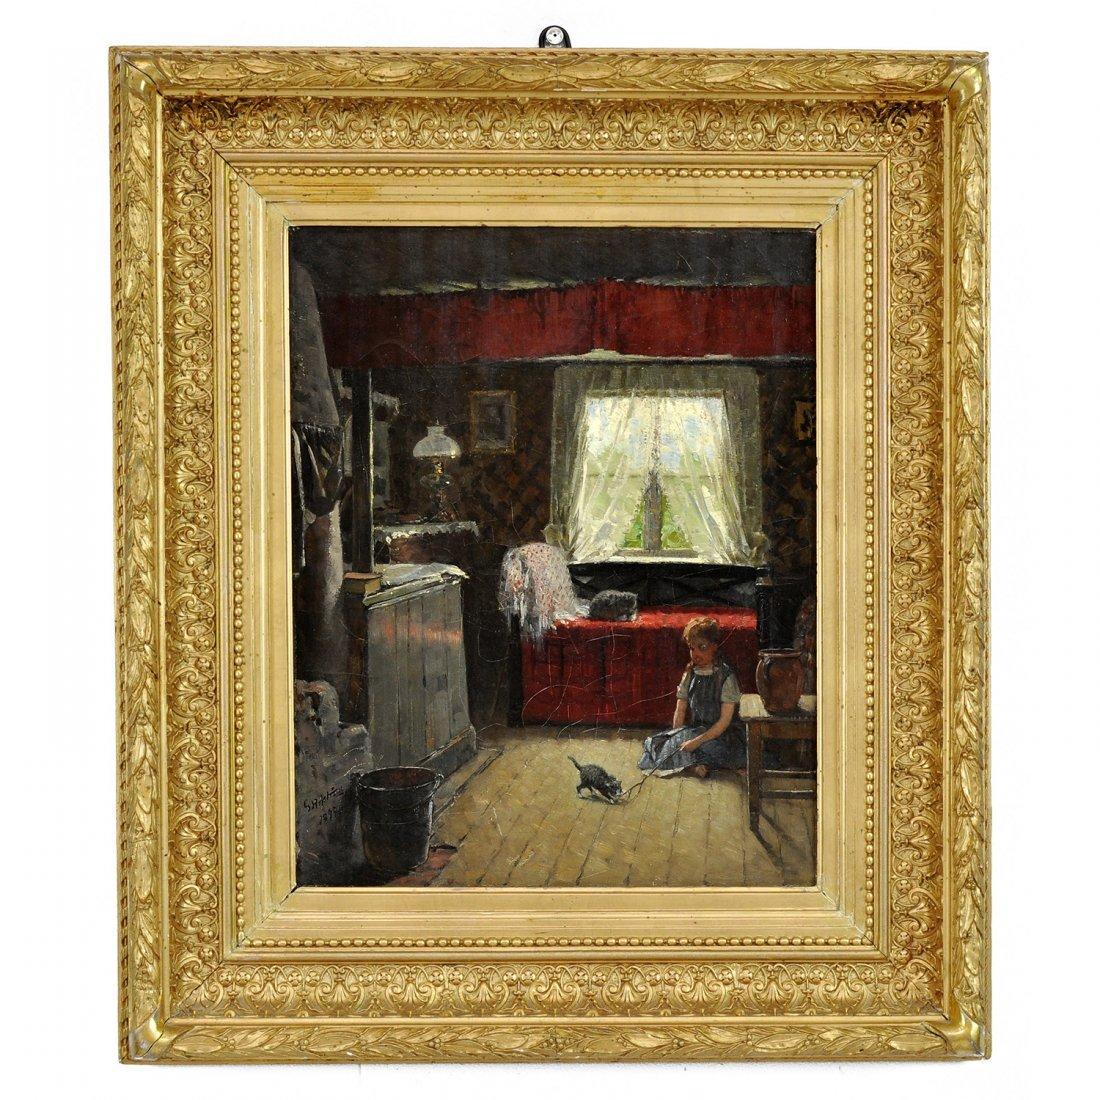 22: AXEL GILLIS HAFSTRÖM (1841-1909), olja på duk